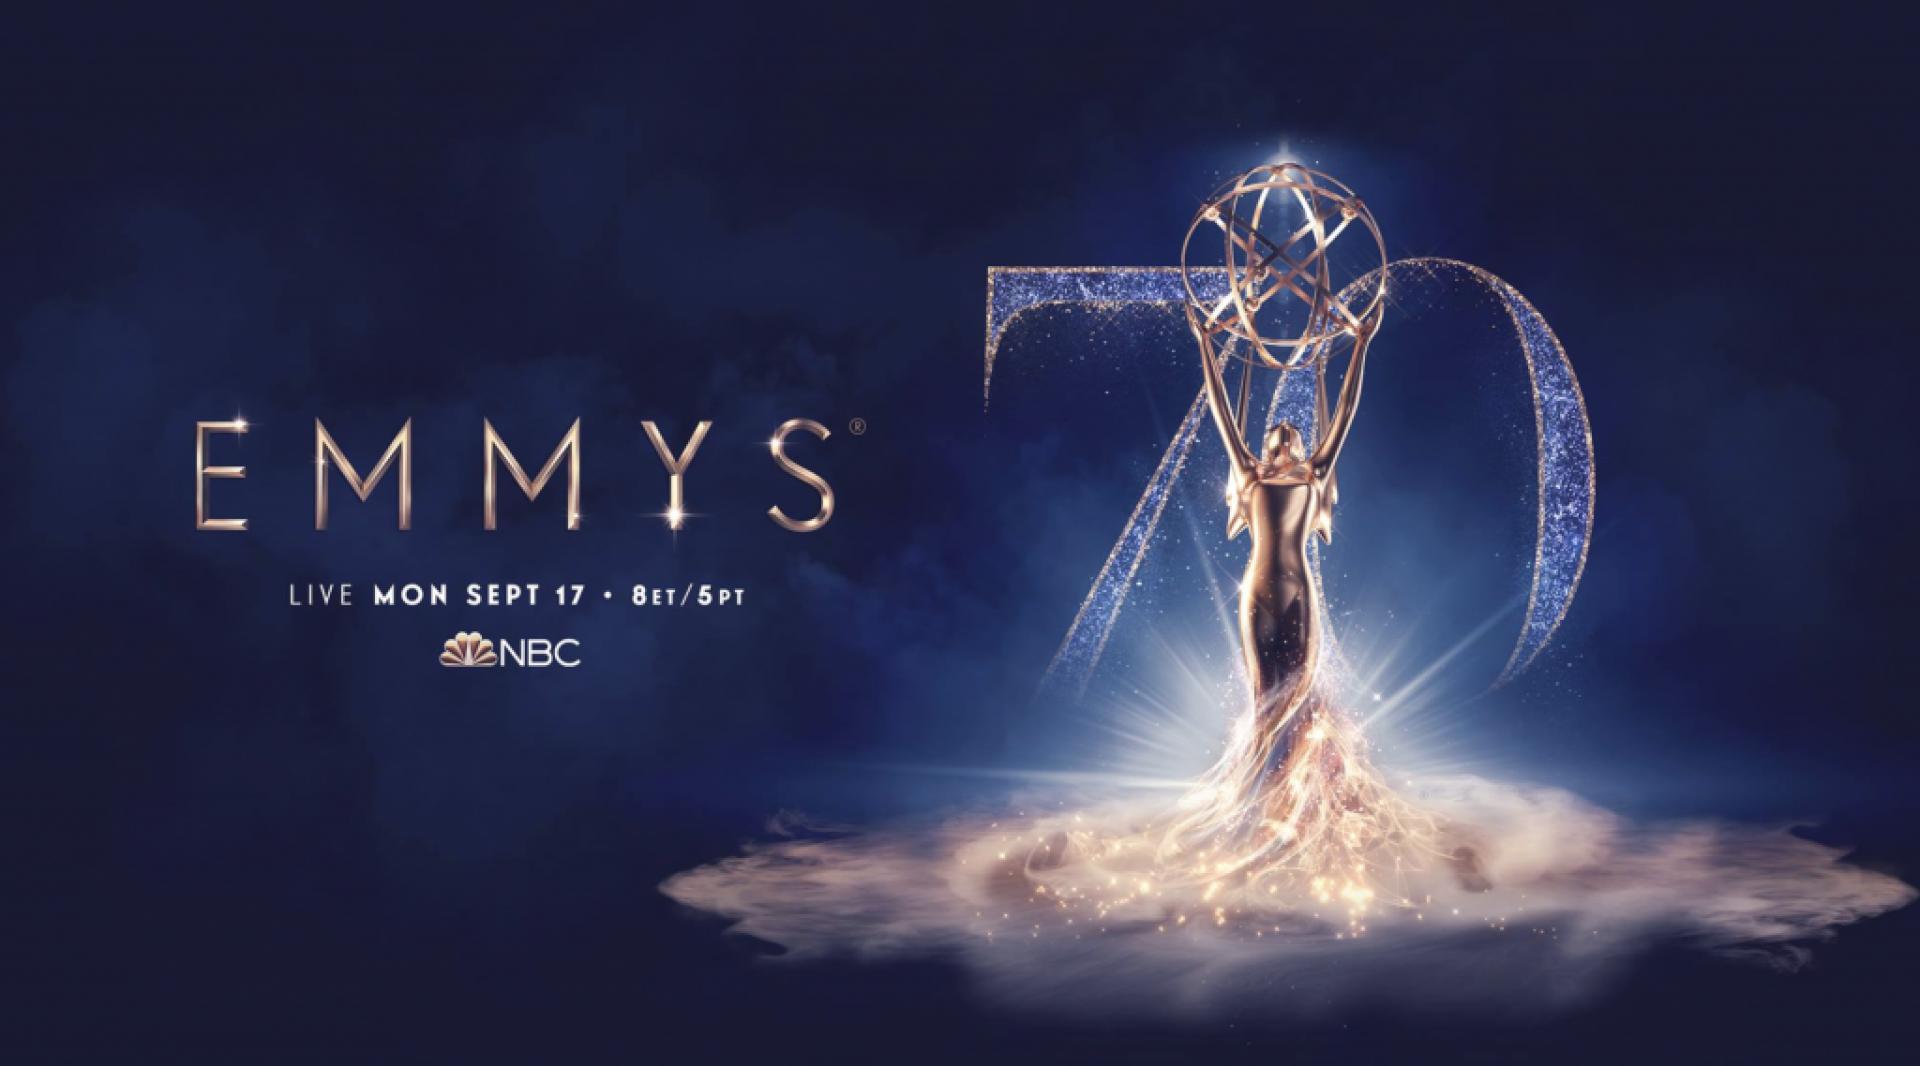 Ők vitték haza idén az Emmy-díjat